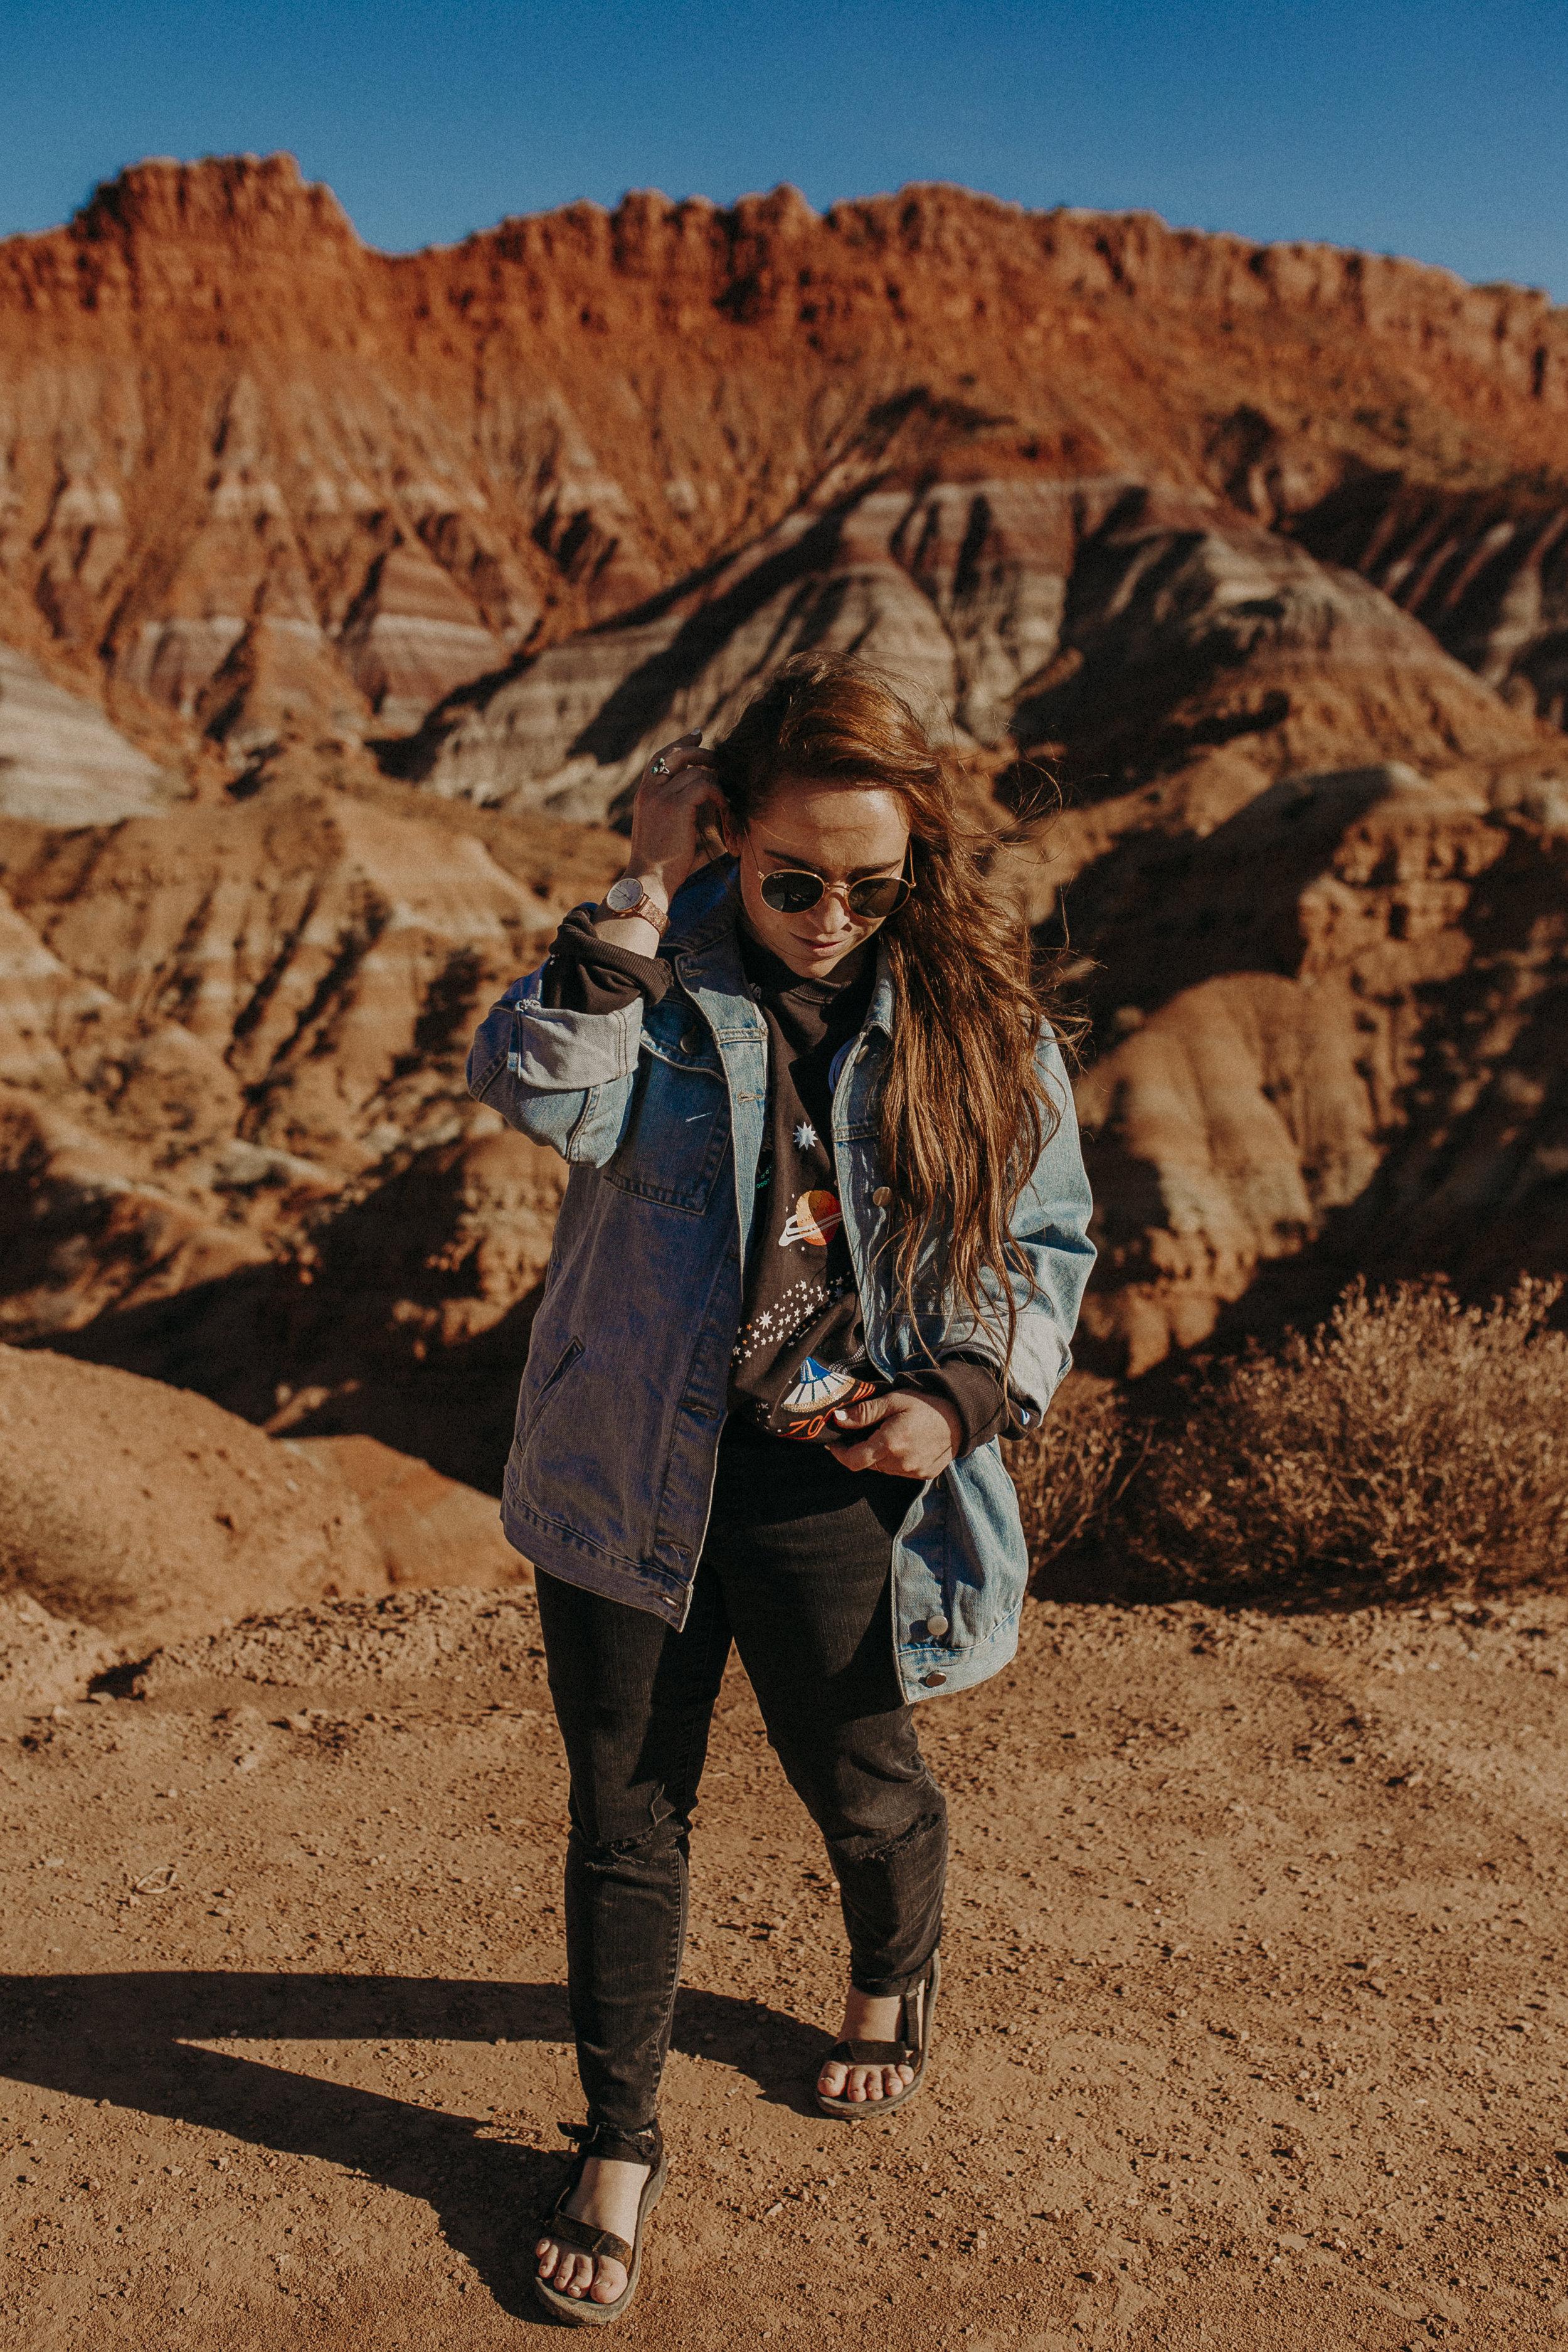 Piria-Canyon-Southern-Utah-Kanab-10.jpg